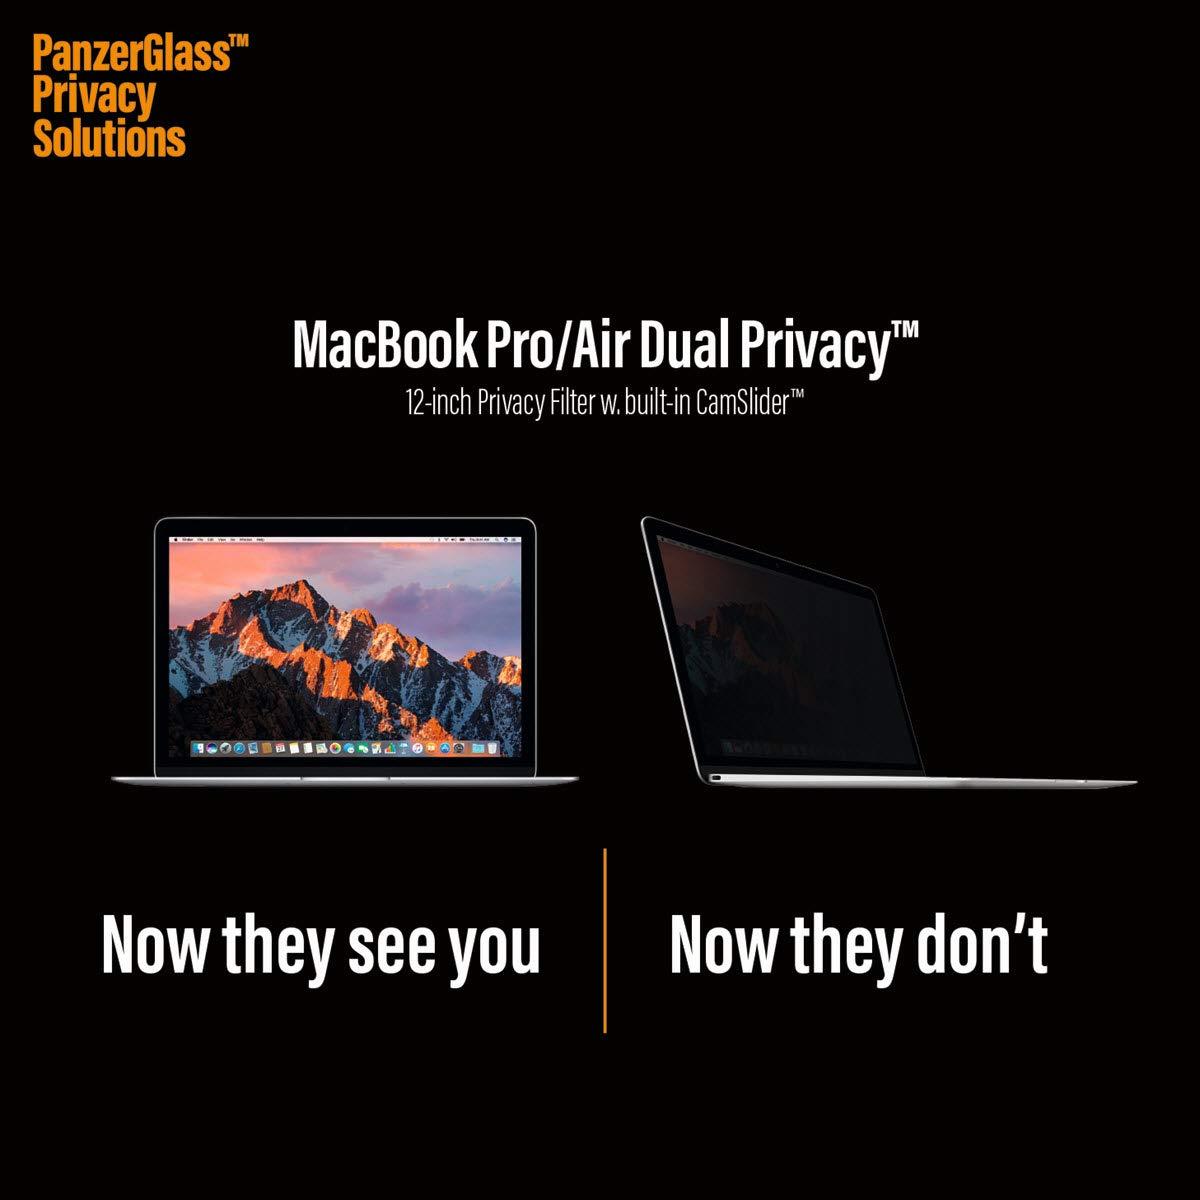 con protecci/ón Visual PanzerGlass Magnetic Privacy Protector de Pantalla para MacBook de 12 Pulgadas